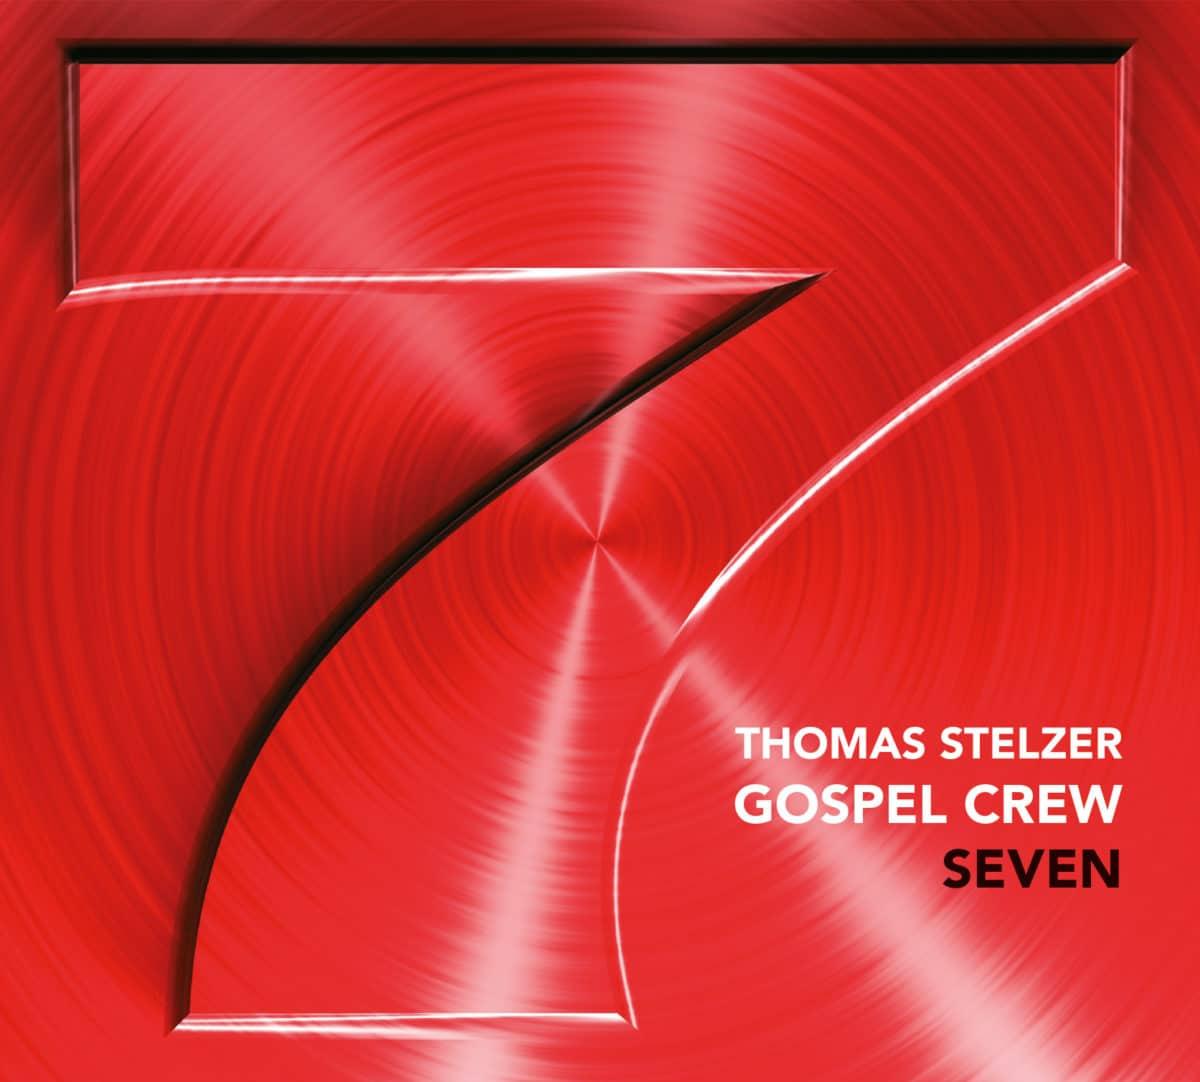 Gospel Crew - Seven